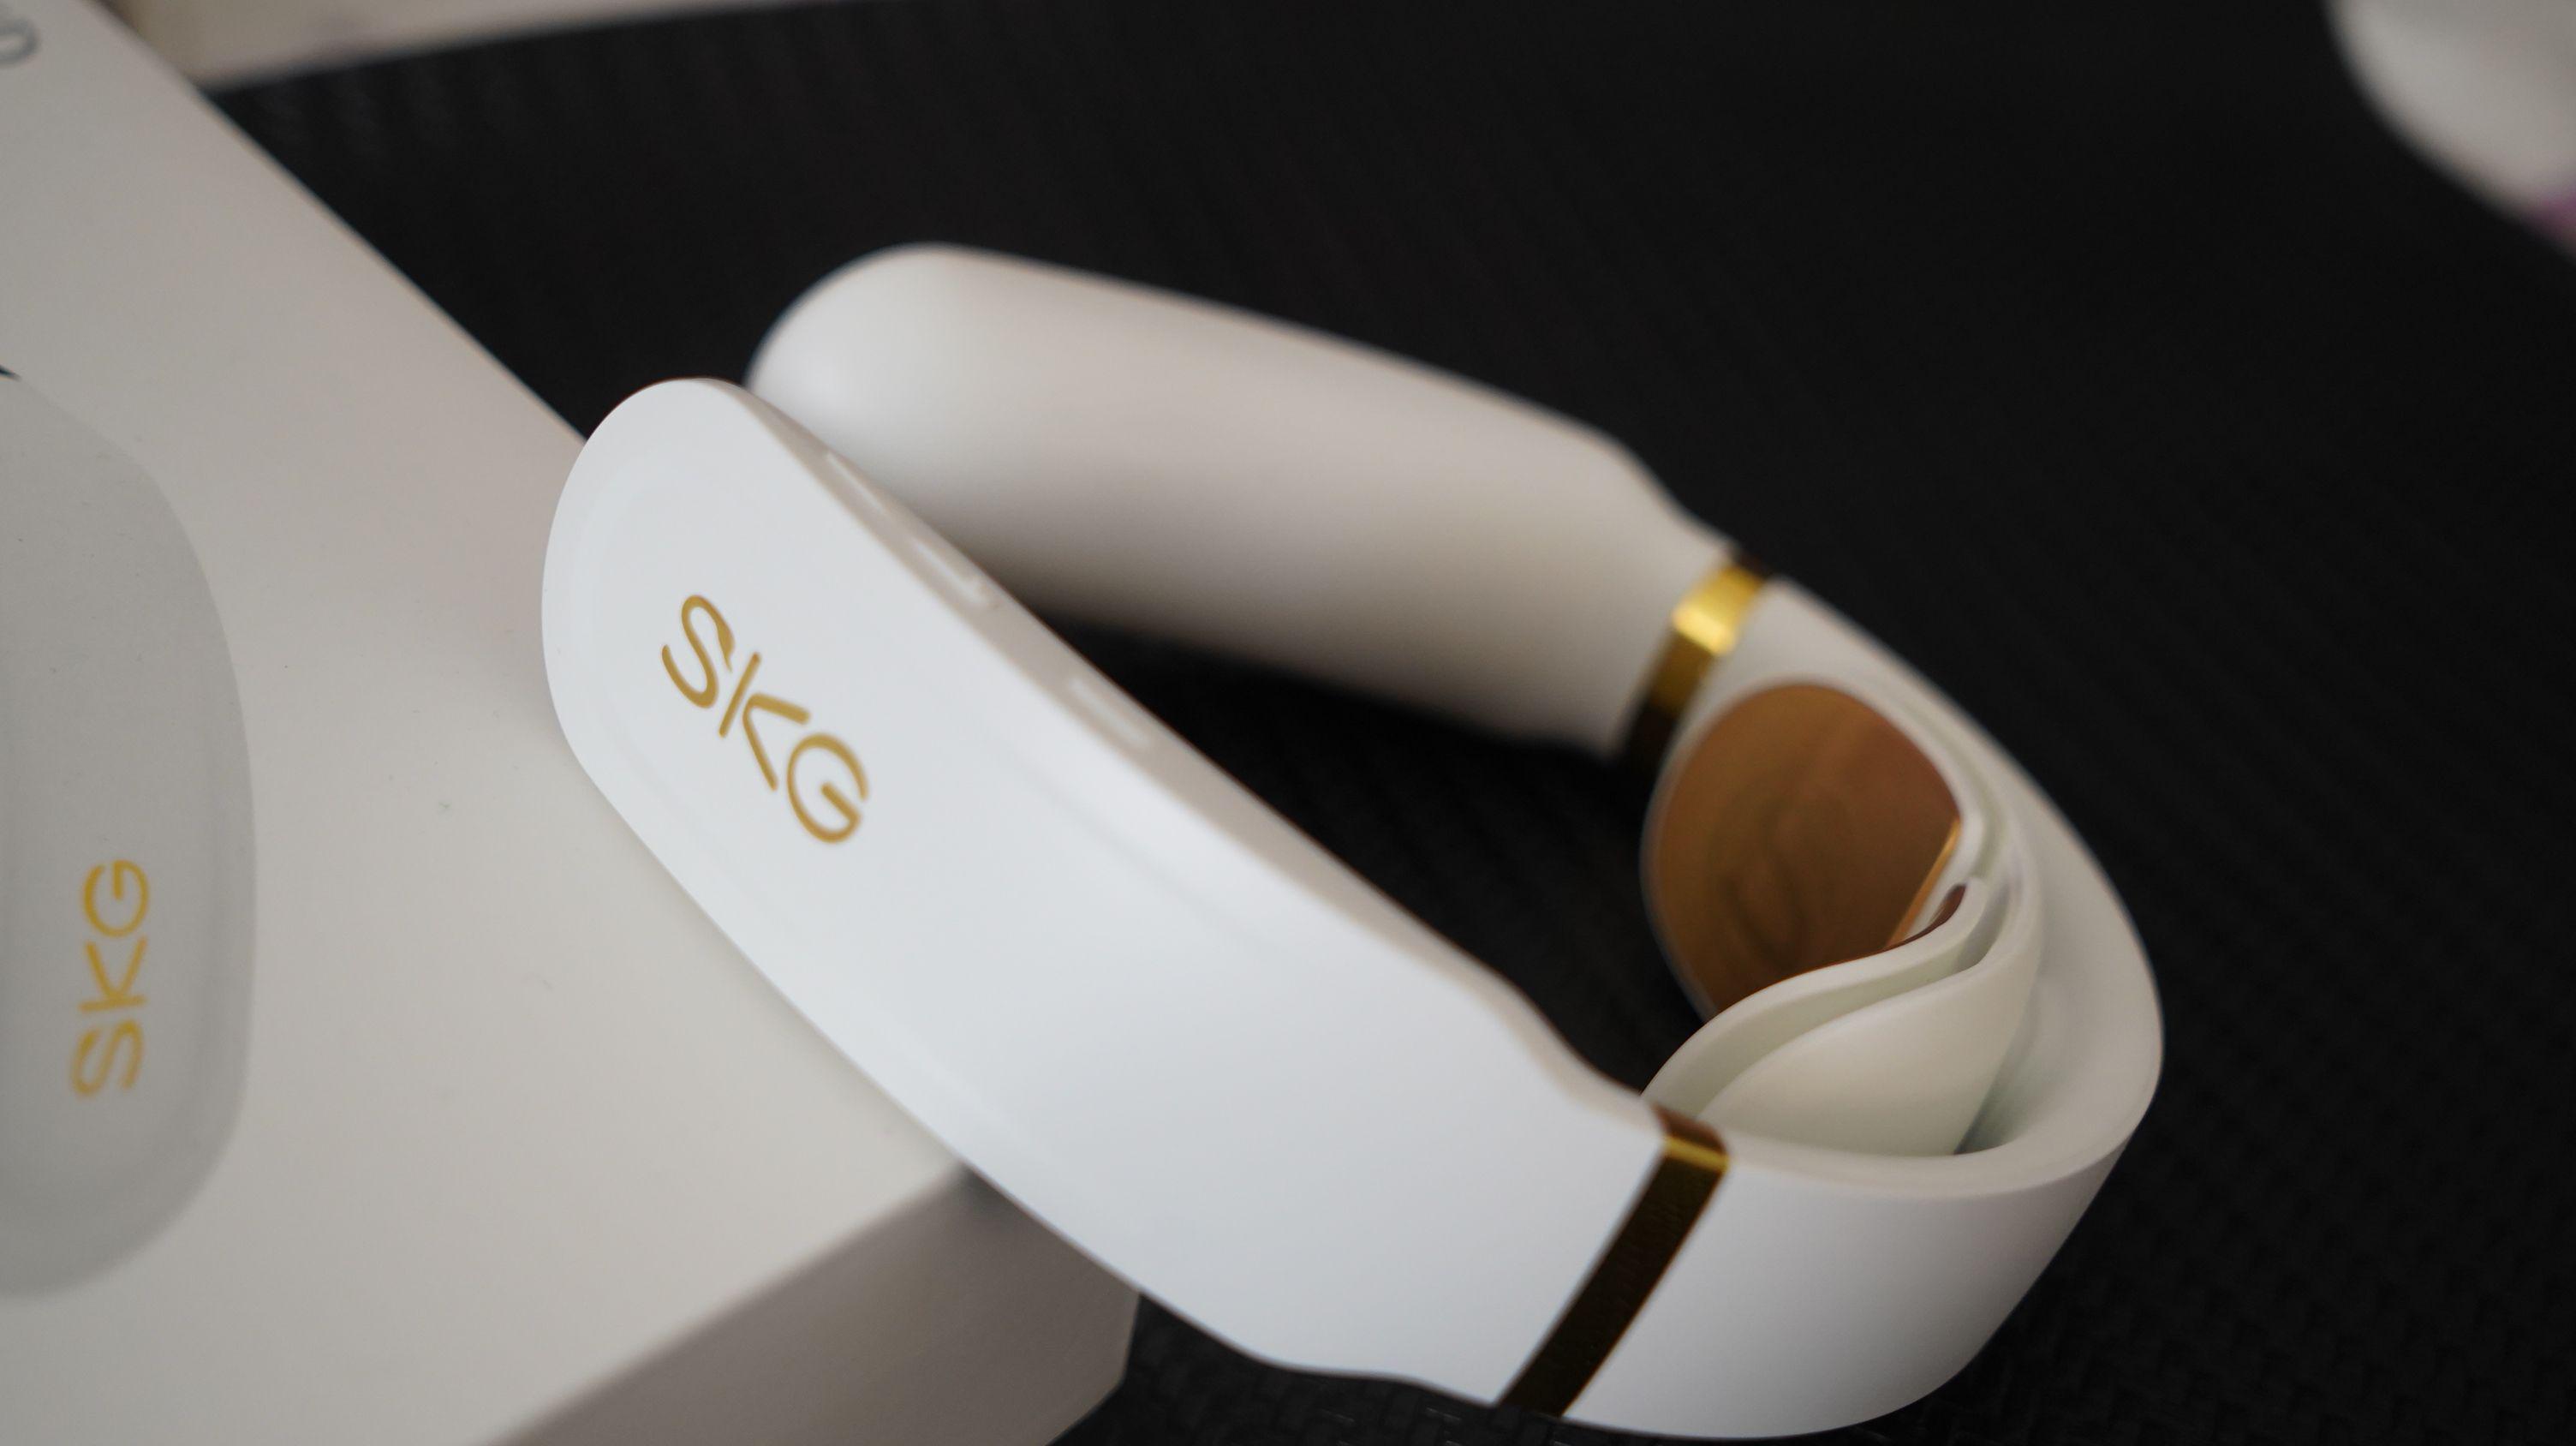 华为智选SKG智能颈椎按摩仪,智能按摩,更贴心